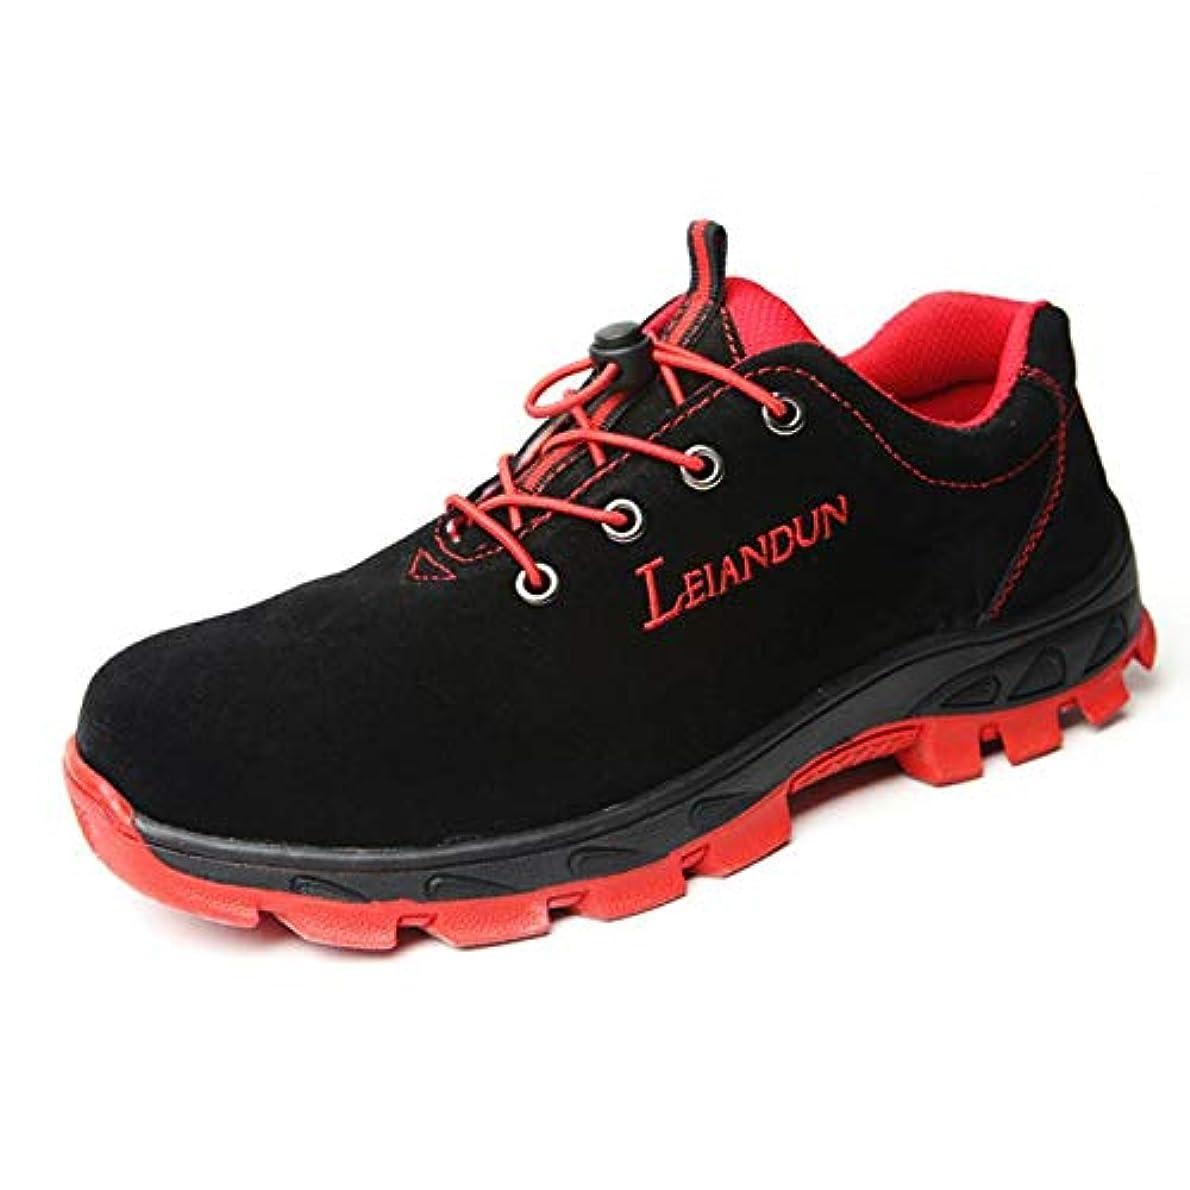 取り出す特に挑む[Y-Street] 安全靴 作業靴 メンズ レディース スニーカー 鋼先芯入(JIS H級相当) 刺す叩く防止 滑り止め 耐磨耗 四季通用